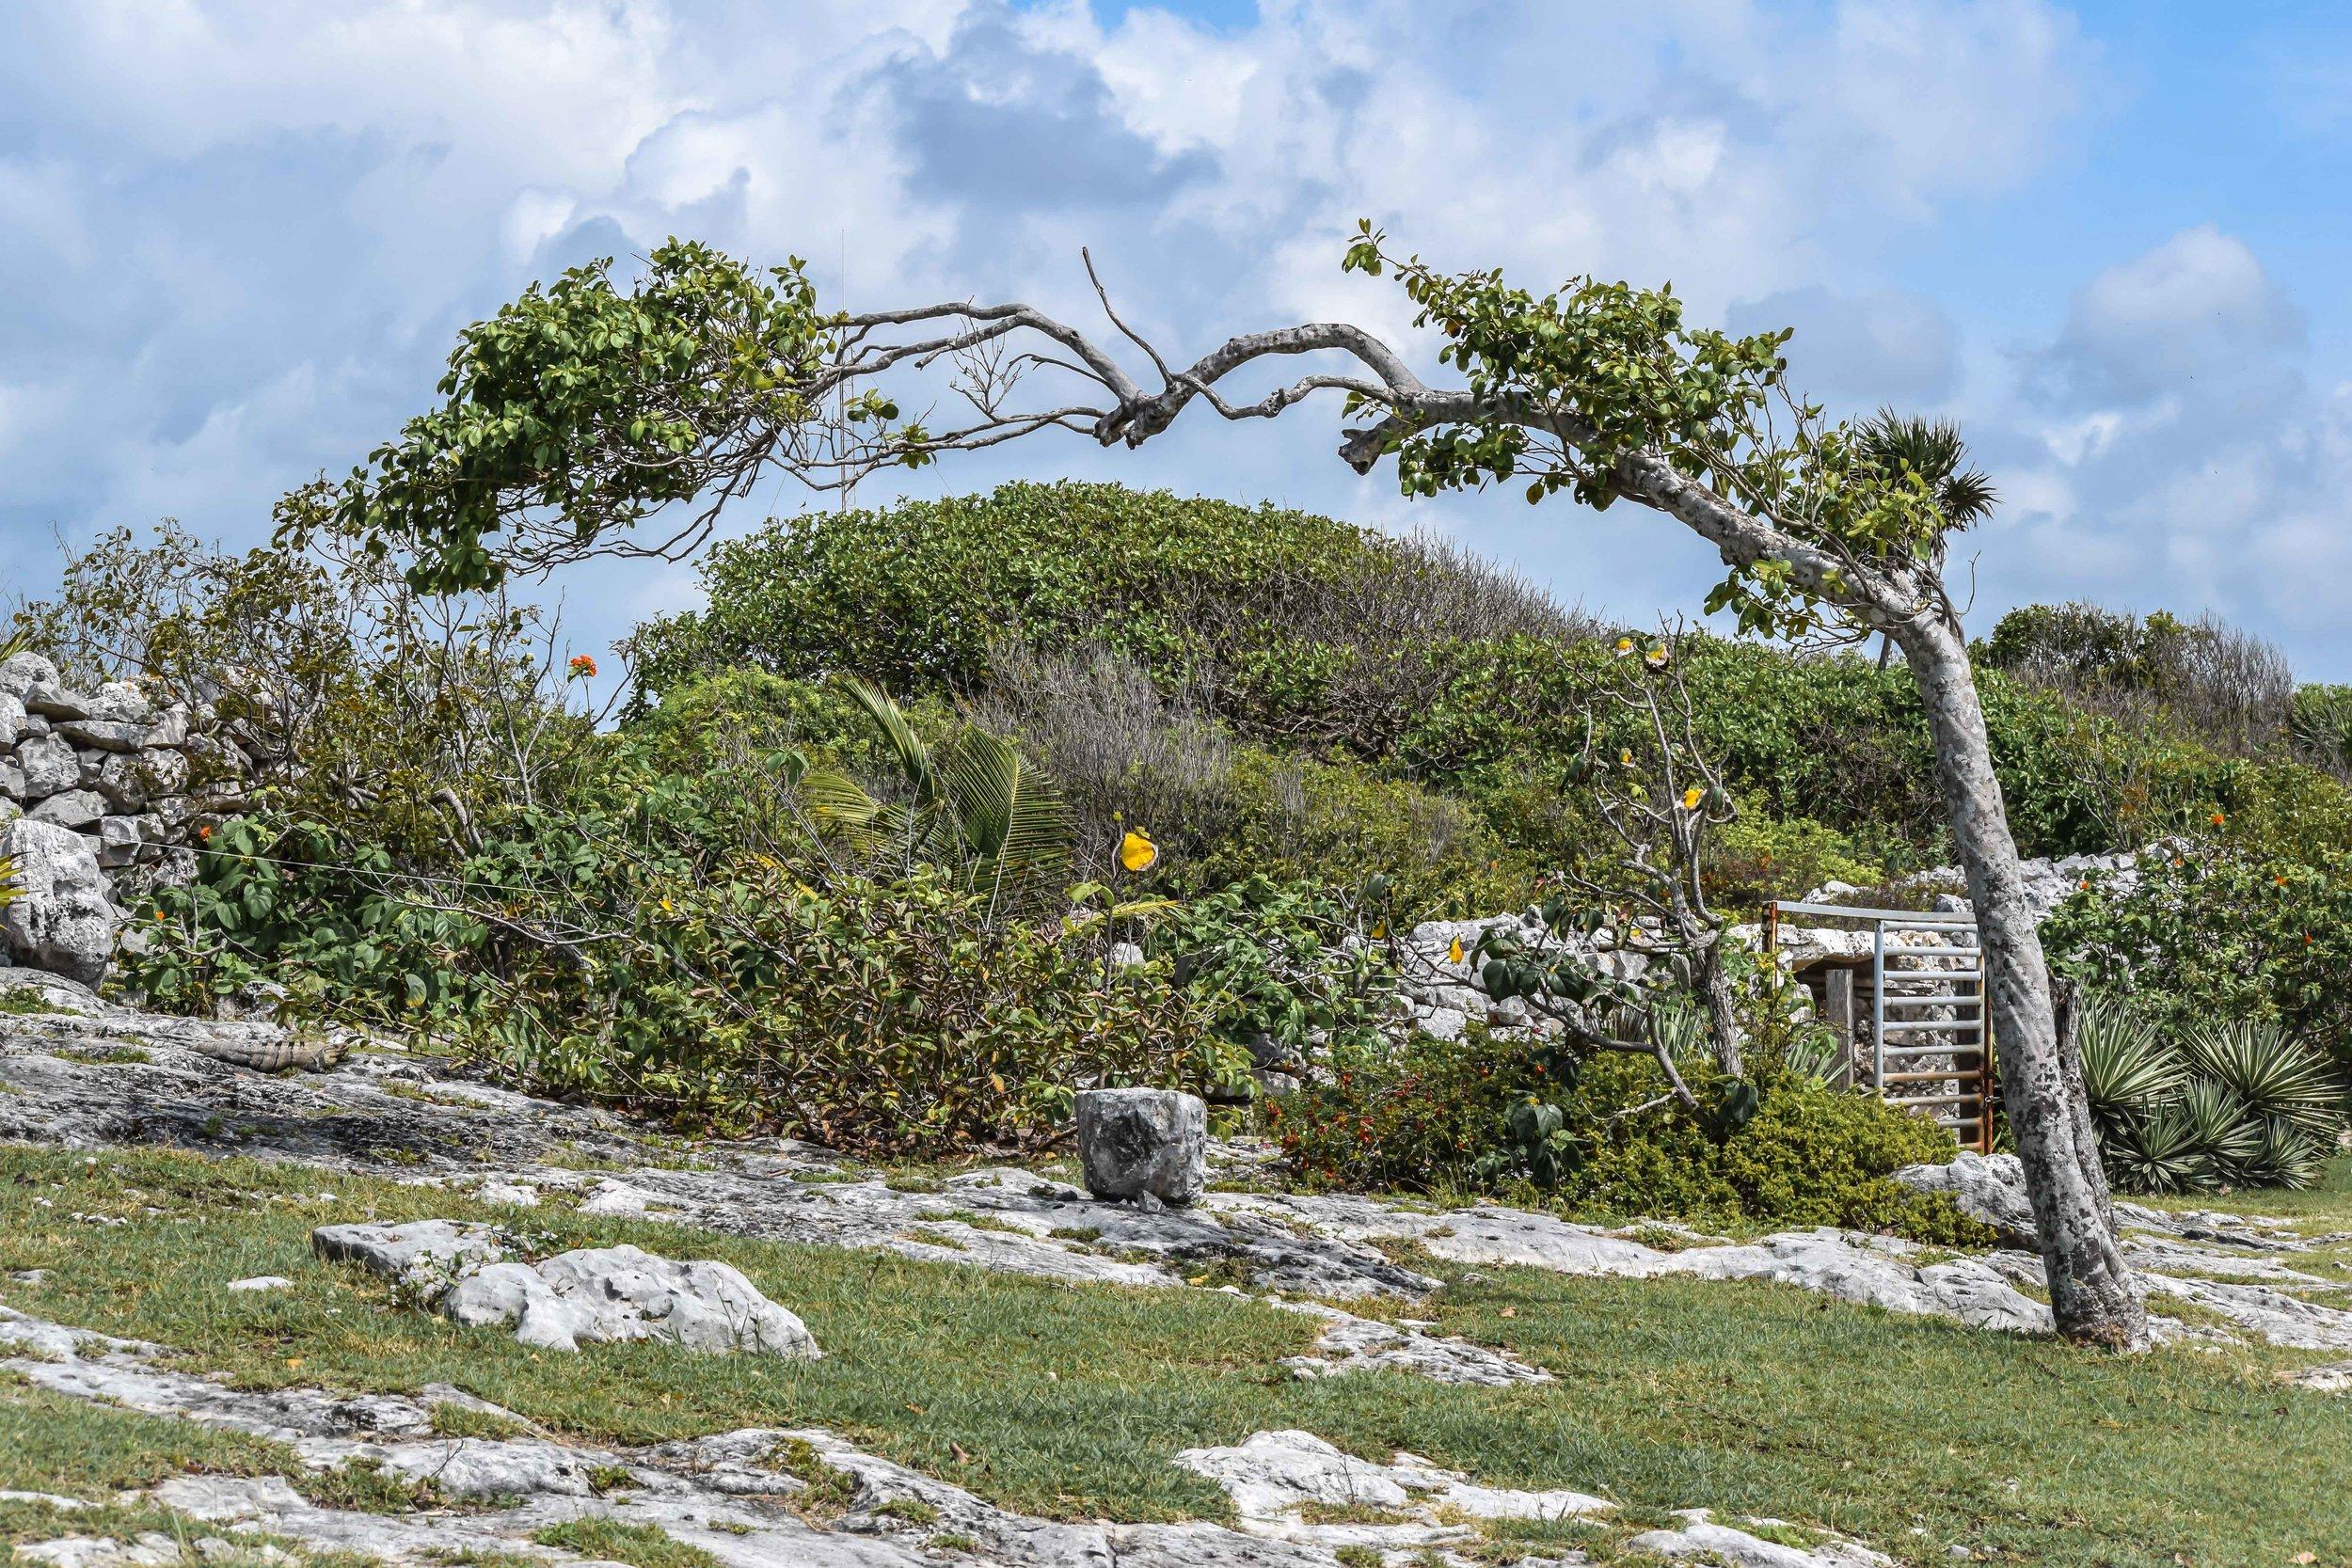 Bent tree in Tulum